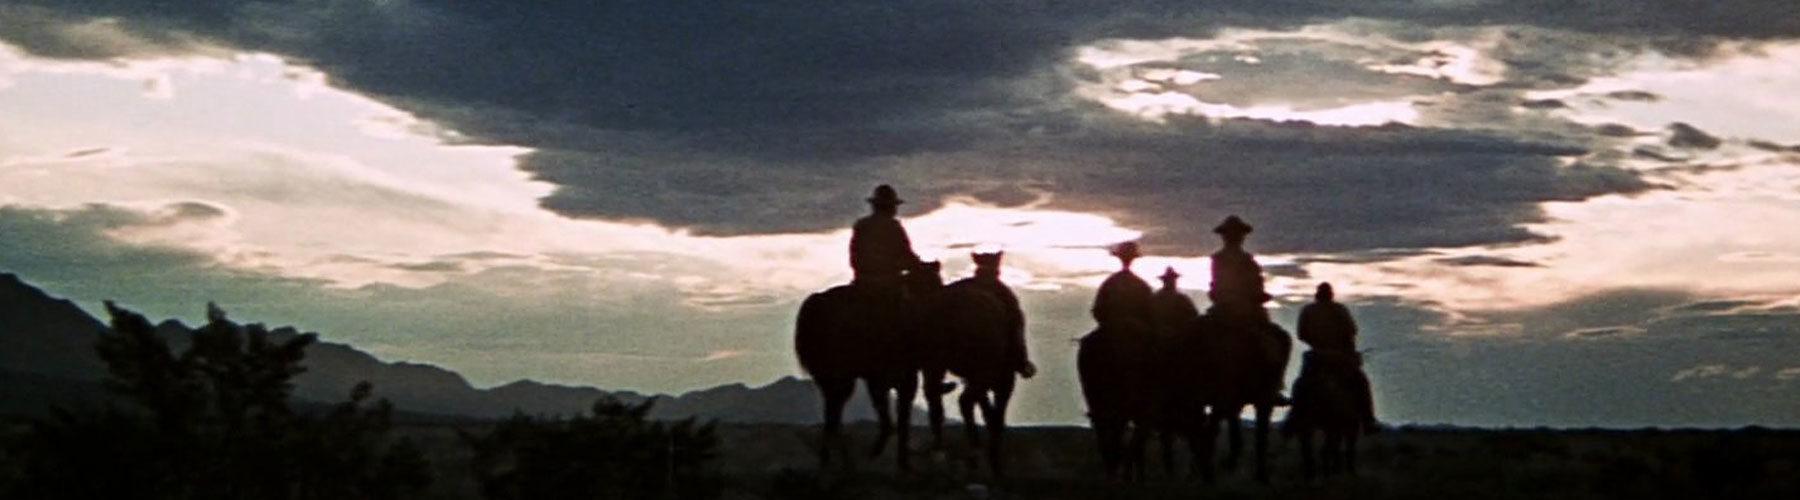 film La Horde sauvage